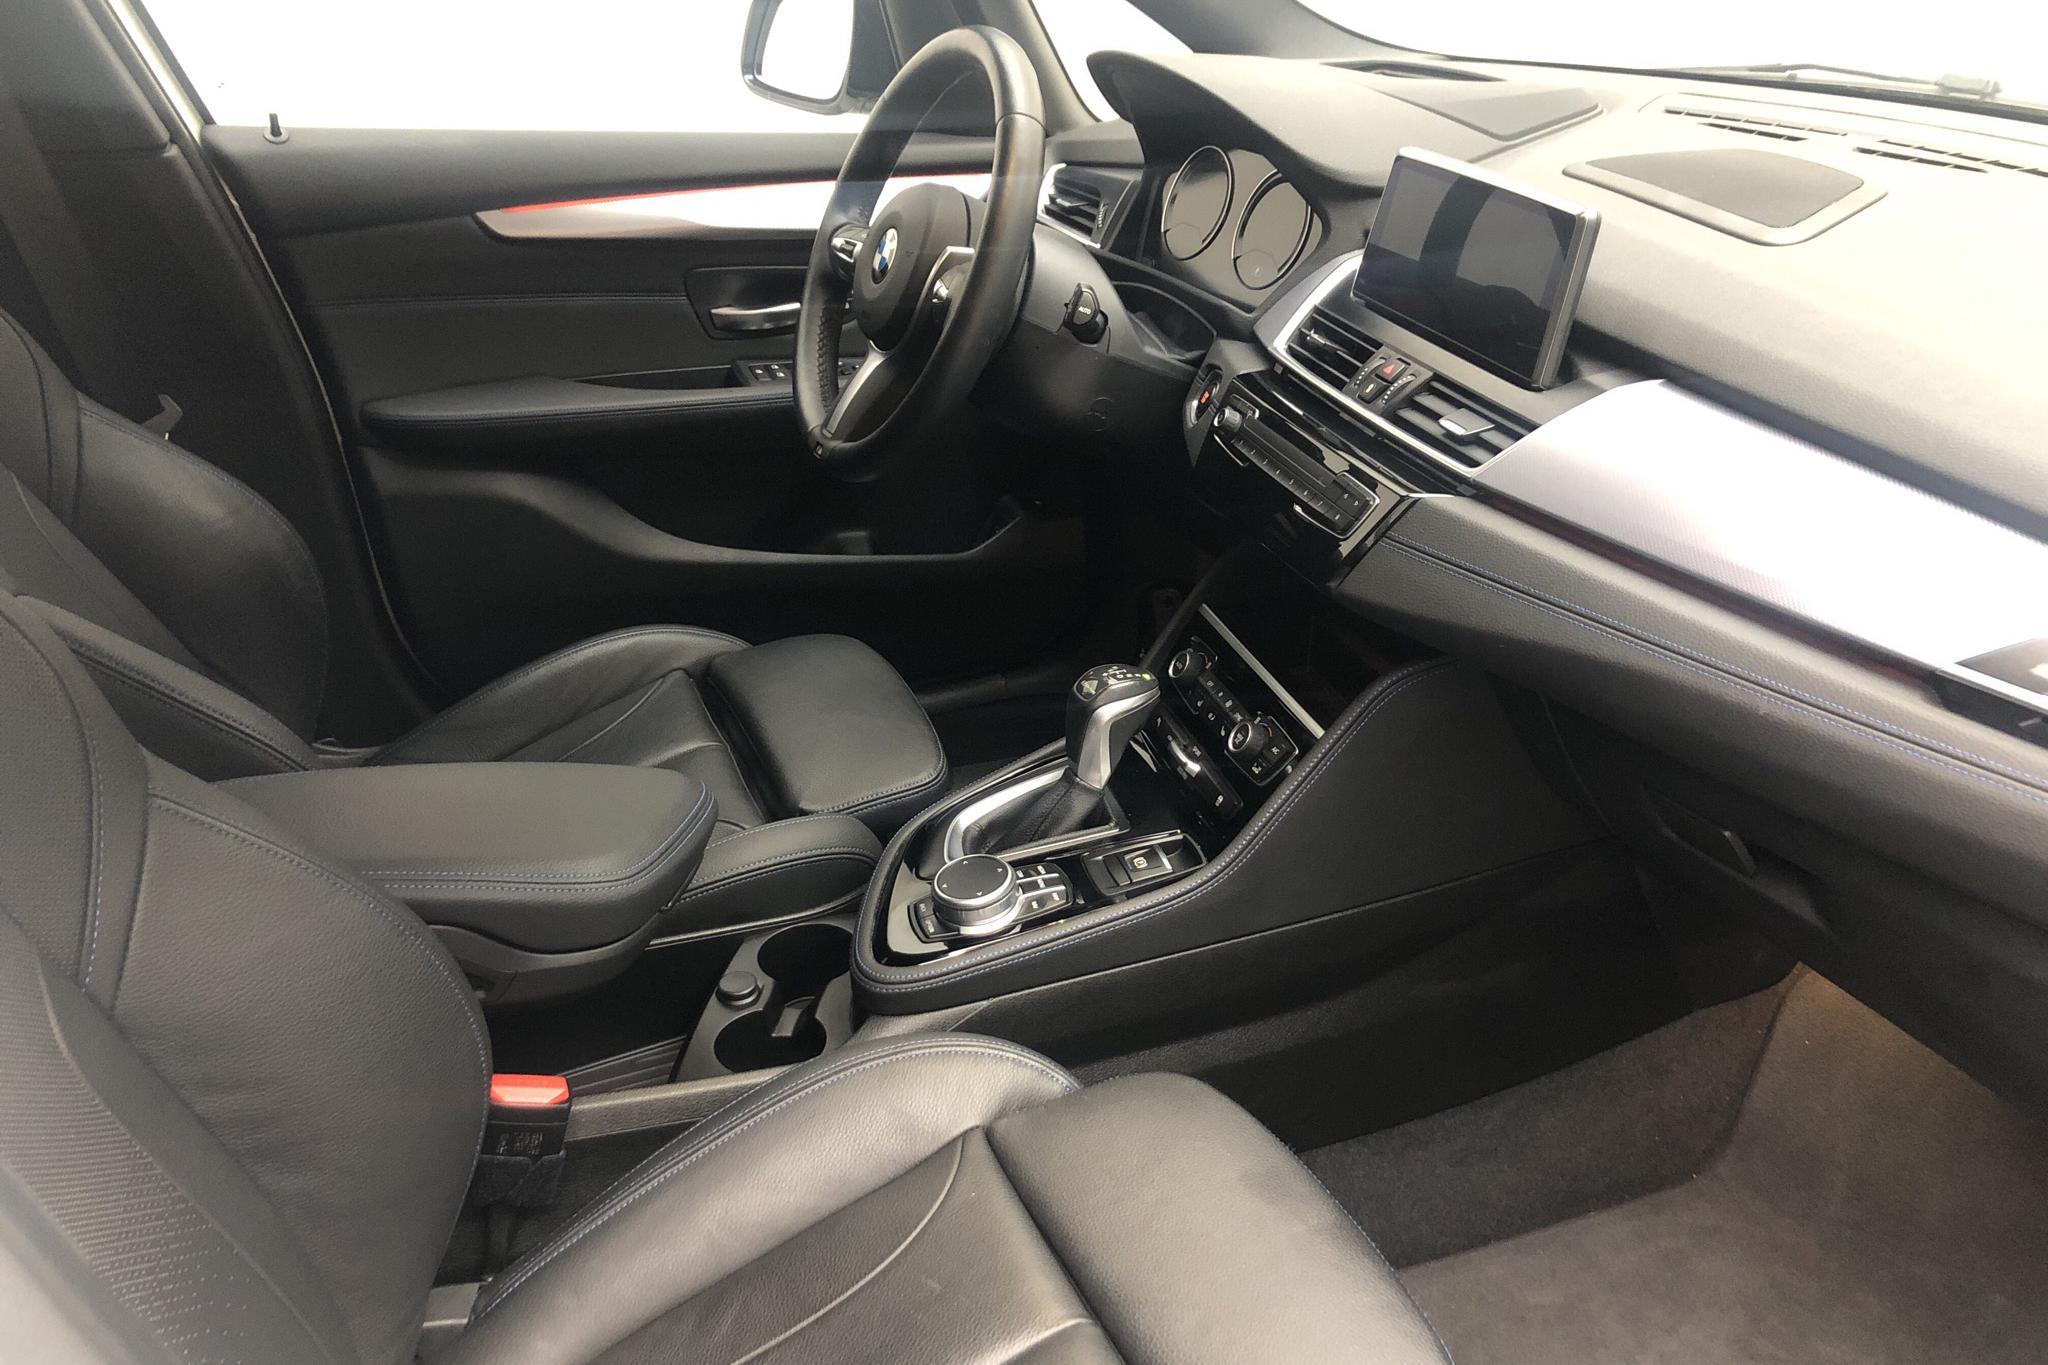 BMW 225xe Active Tourer LCI, F45 (224hk) - 22 180 km - Automatic - white - 2019